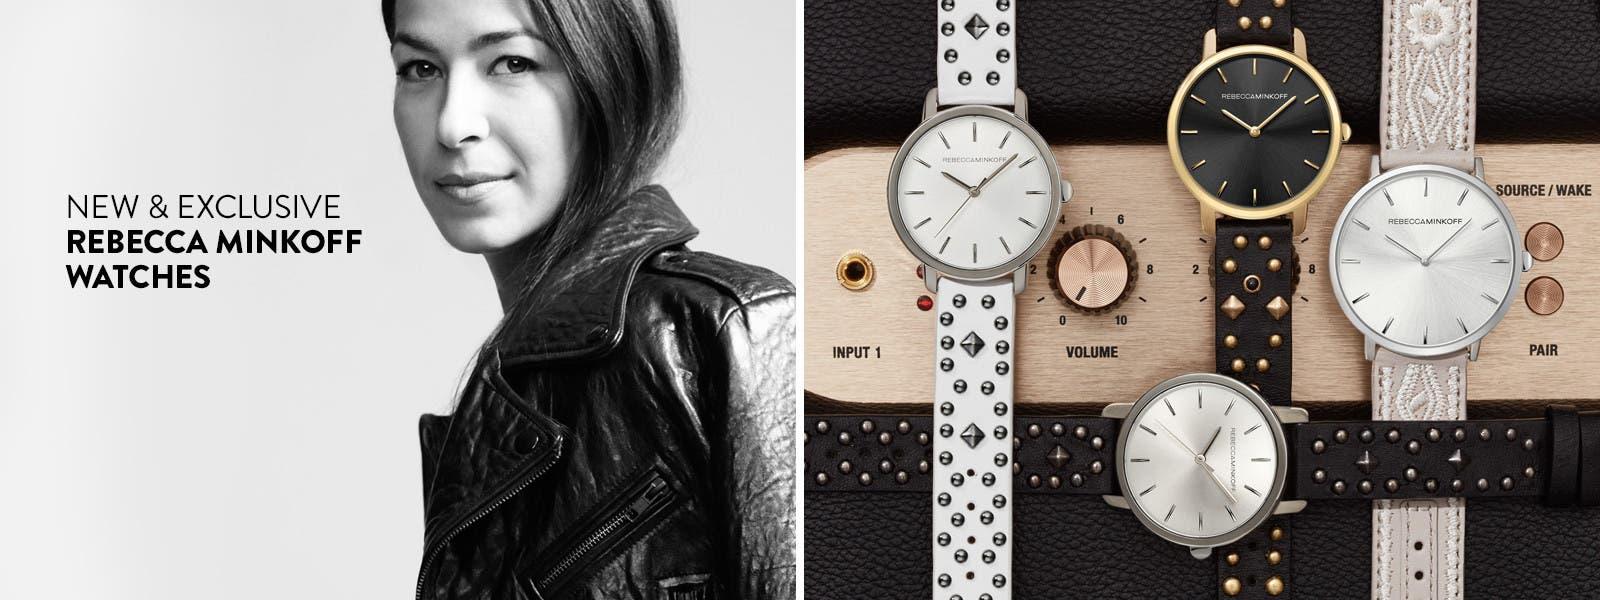 Rebecca Minkoff Watches